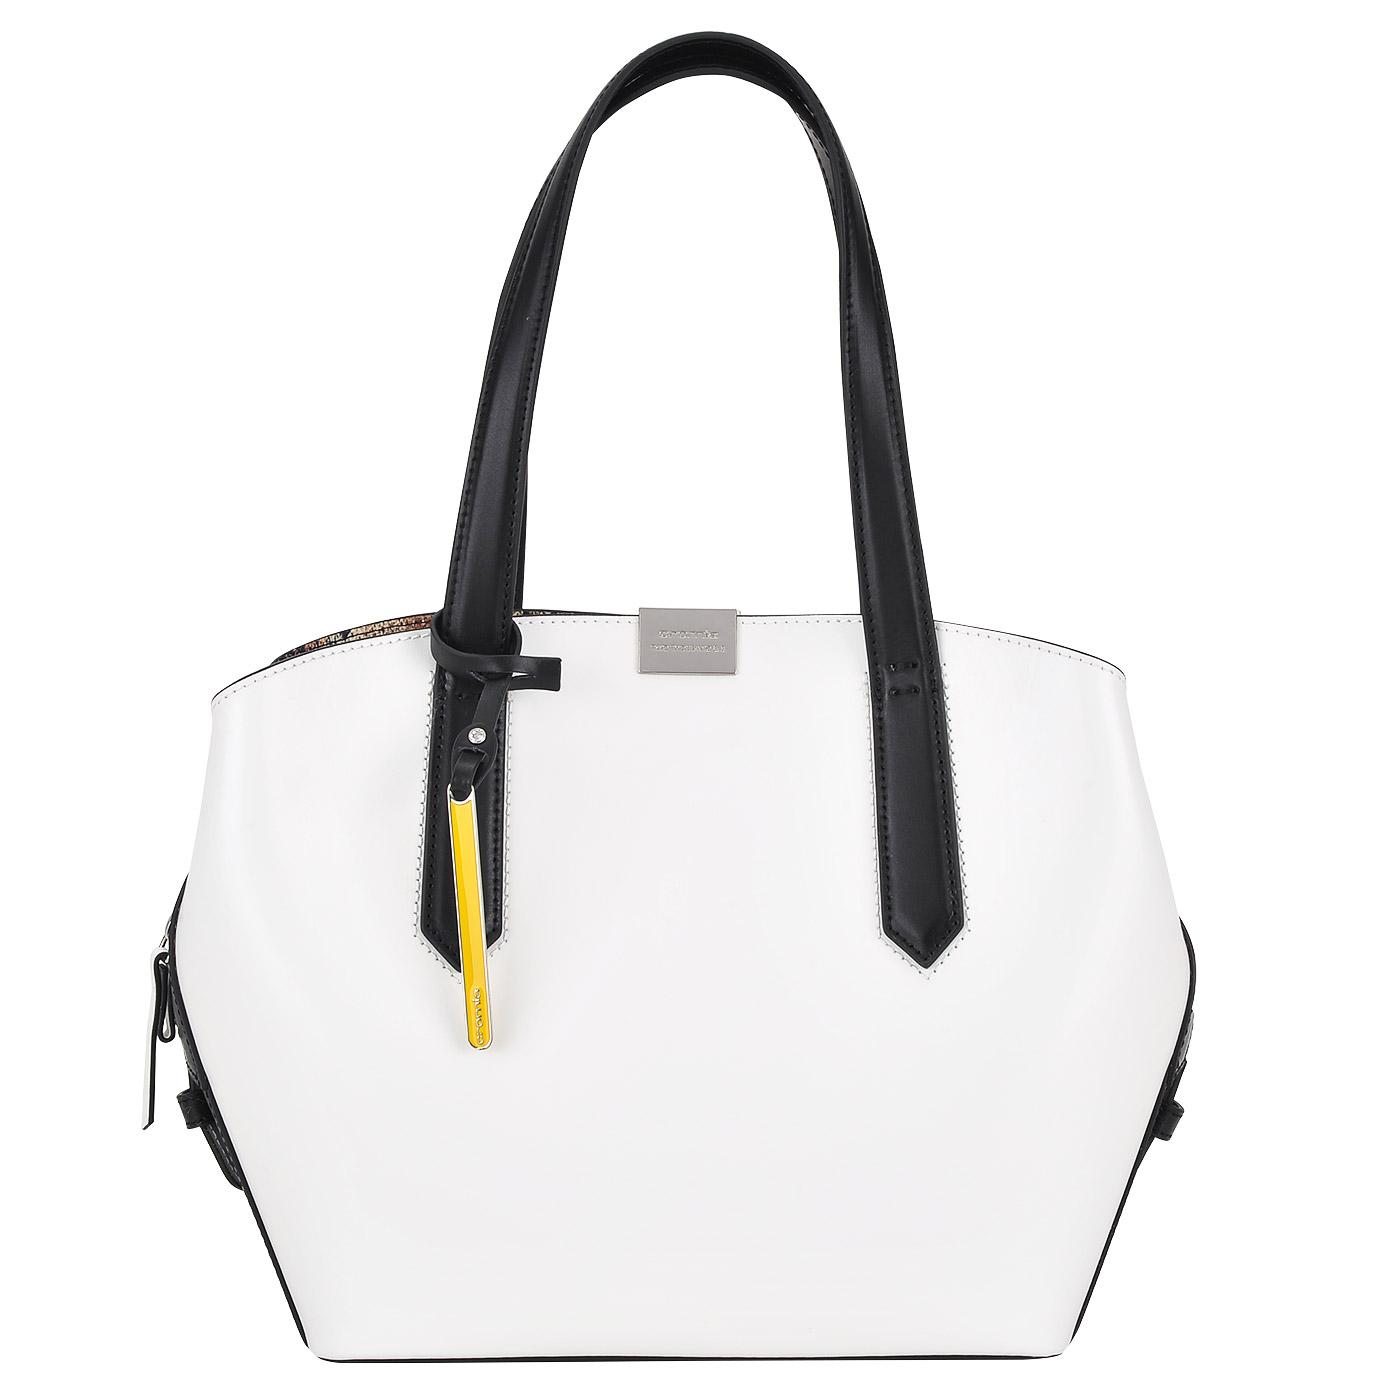 077c32942264 Женская кожаная сумка Cromia Lola Женская кожаная сумка Cromia Lola ...